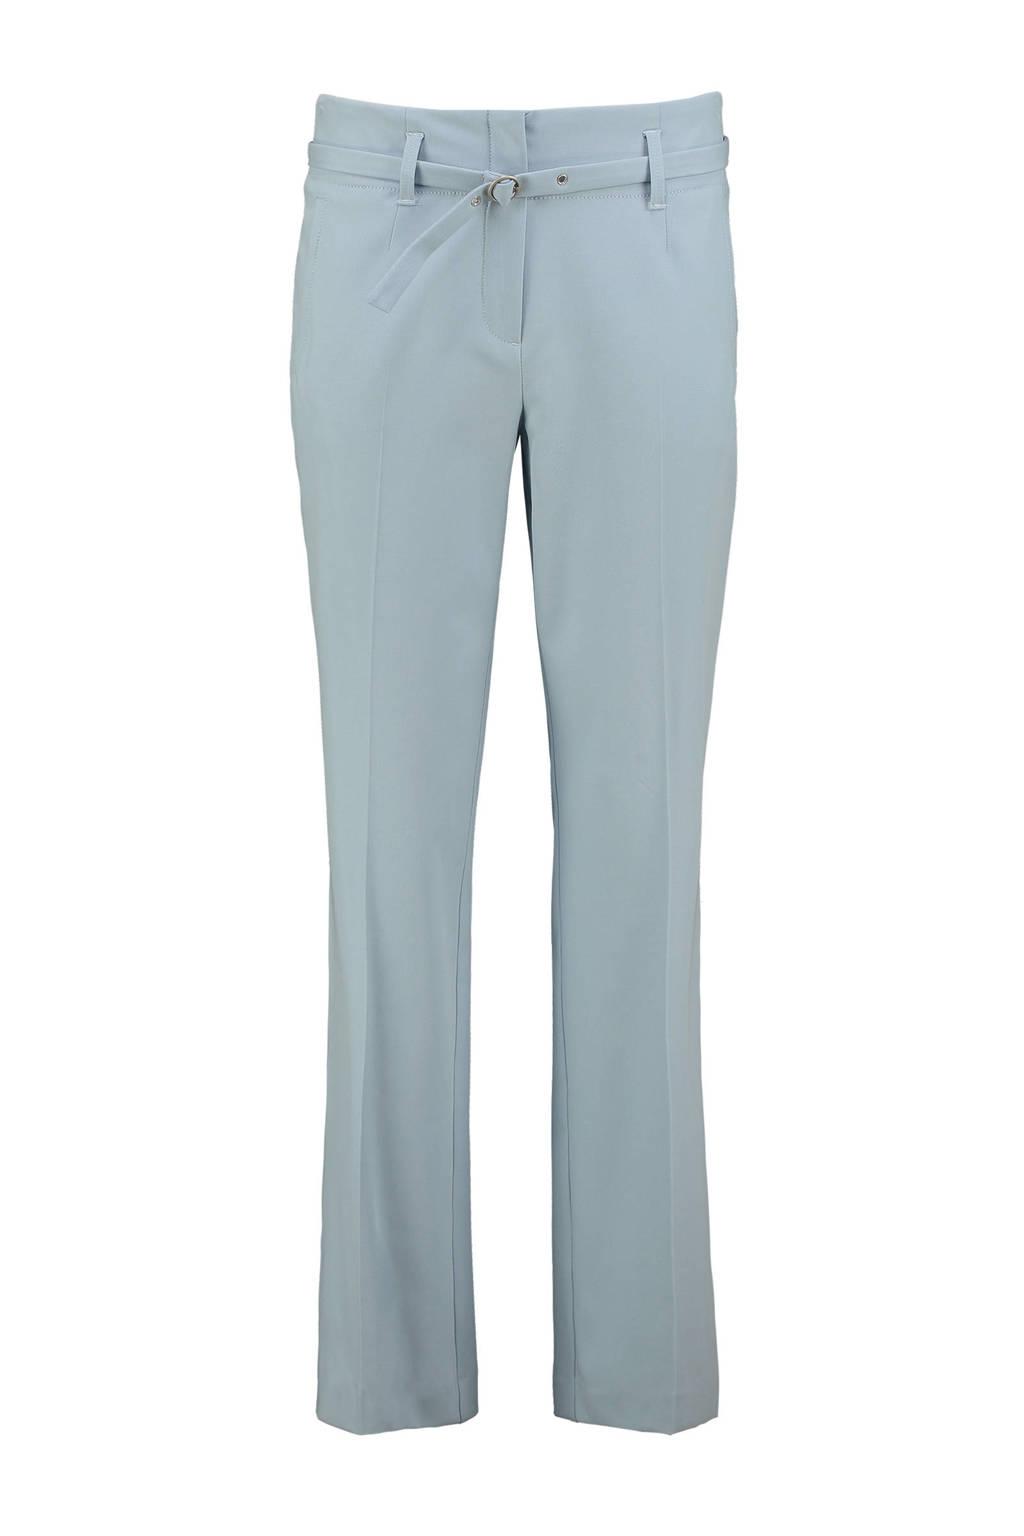 Expresso slim fit broek Chazia lichtblauw, Lichtblauw